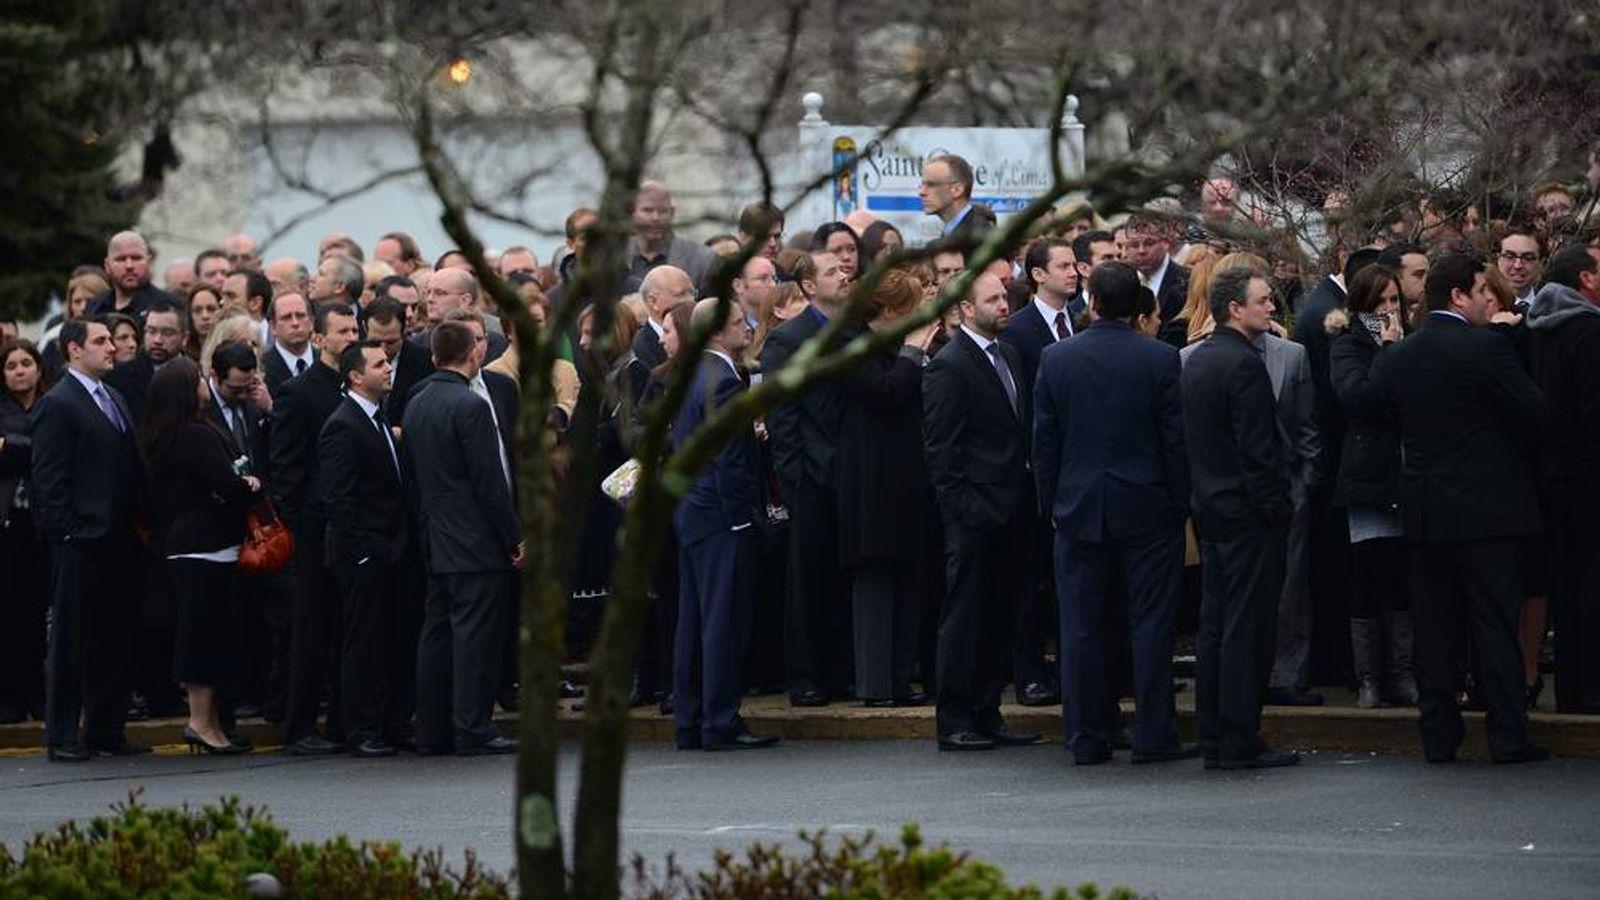 Funeral of school shooting victim Jessica Rekos in Newtown, Connecticut